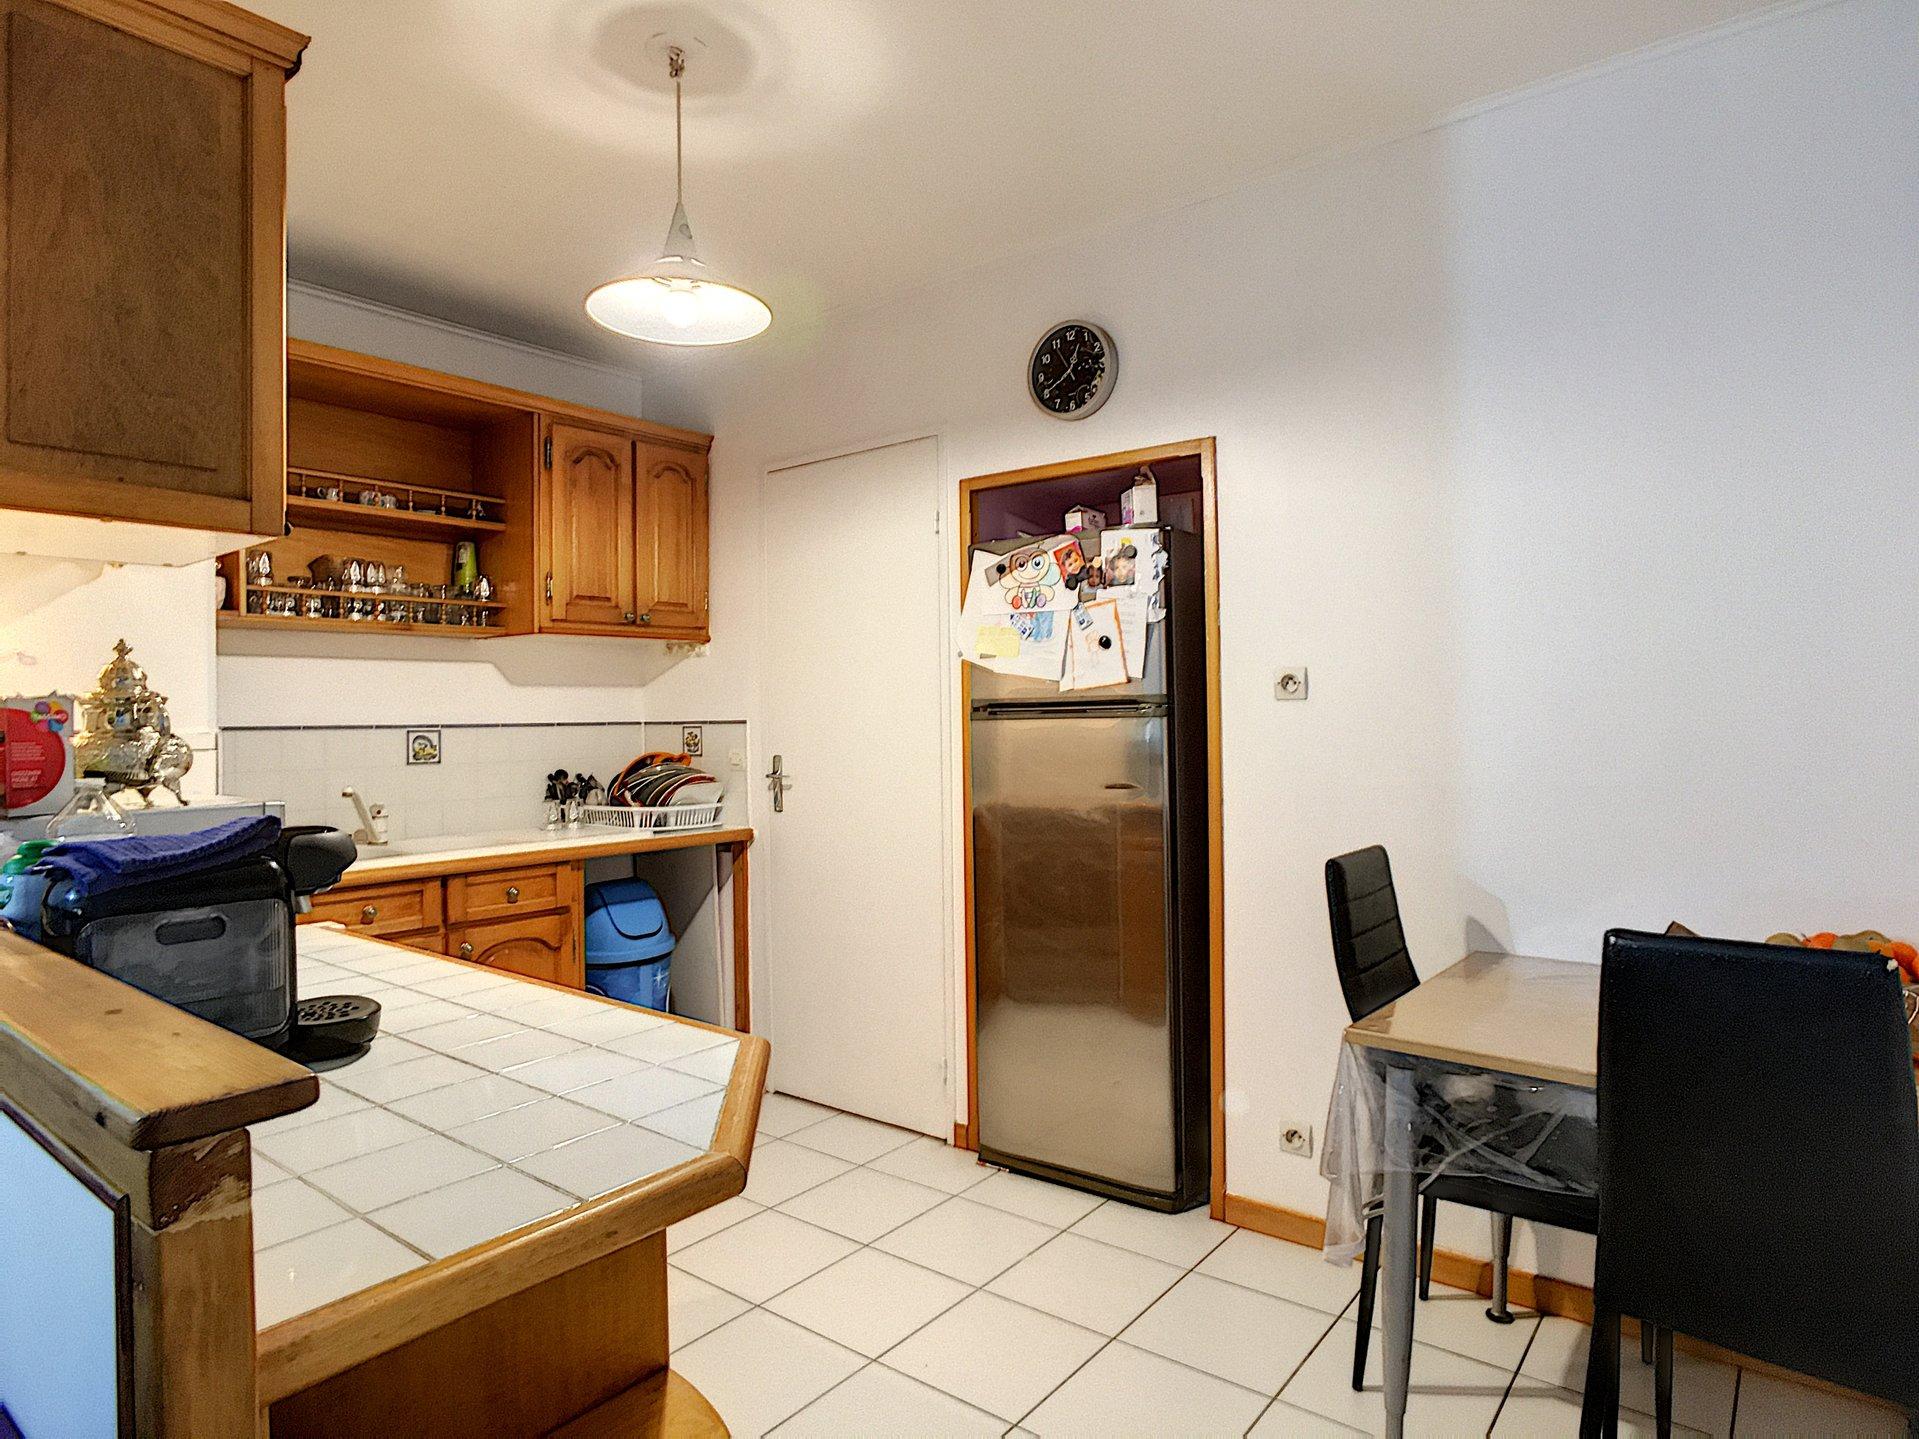 Appartement 3 pièces 70m2 - très bon état